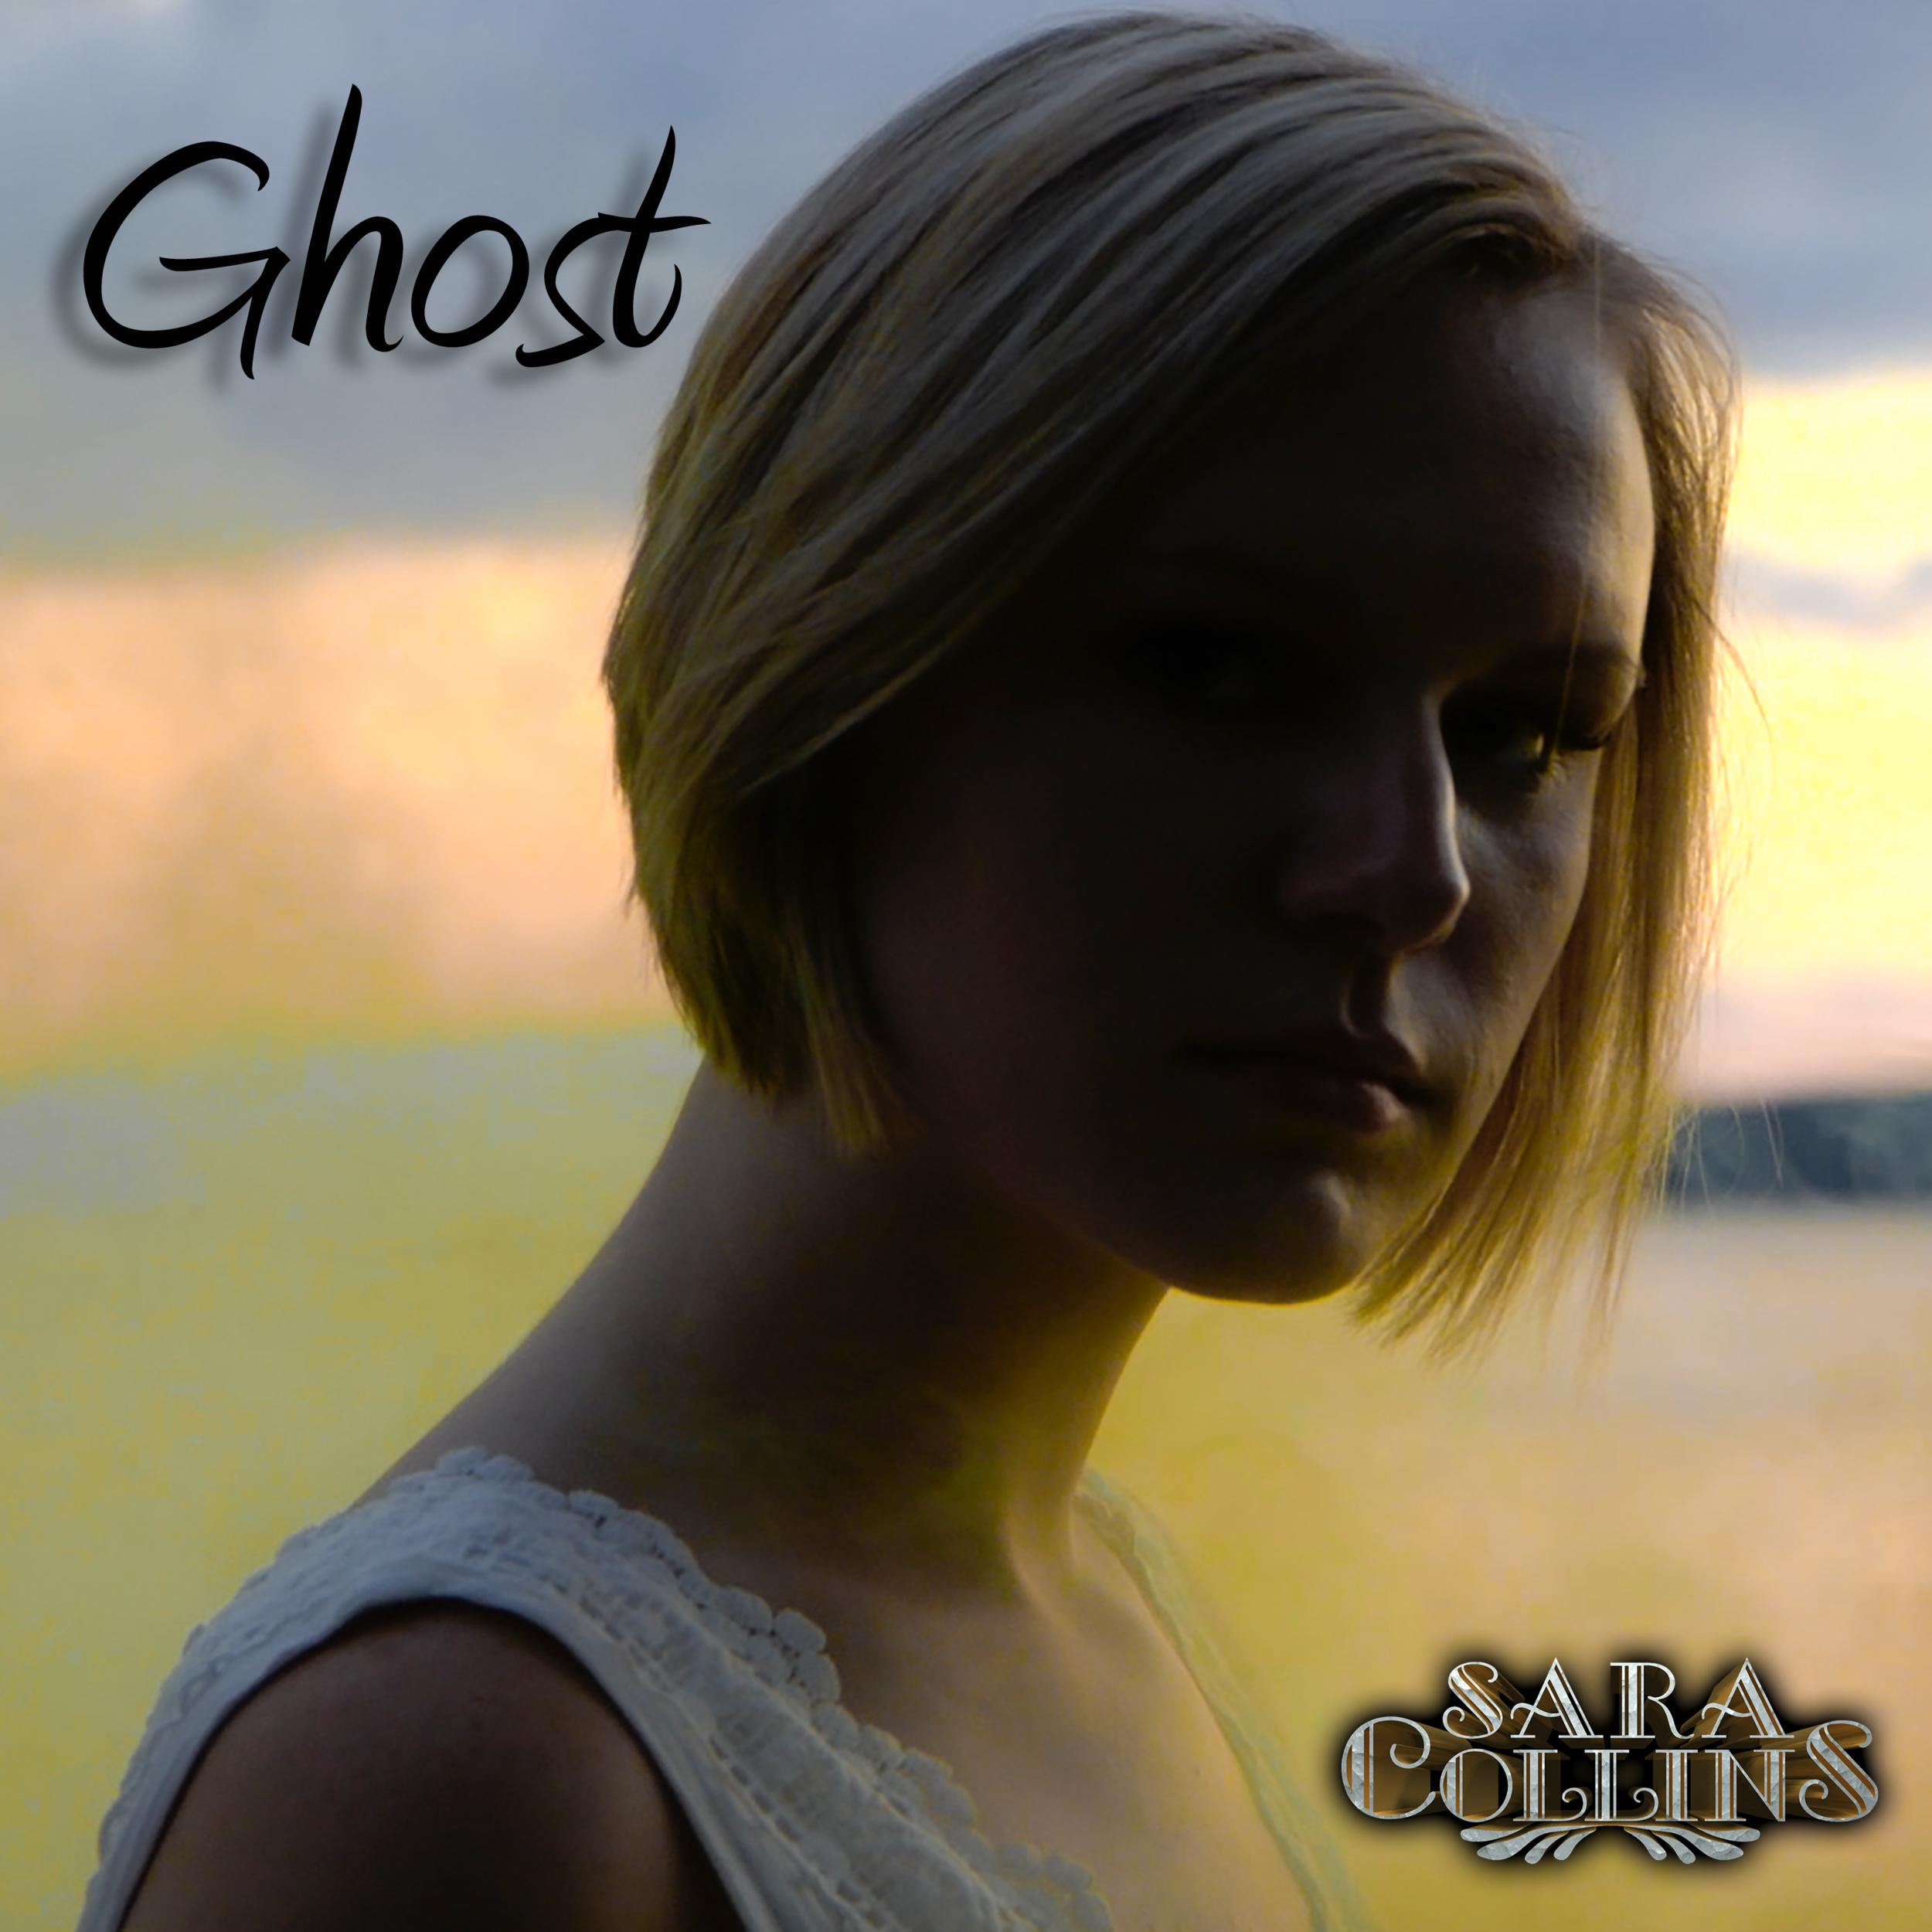 Sara Ghost.png